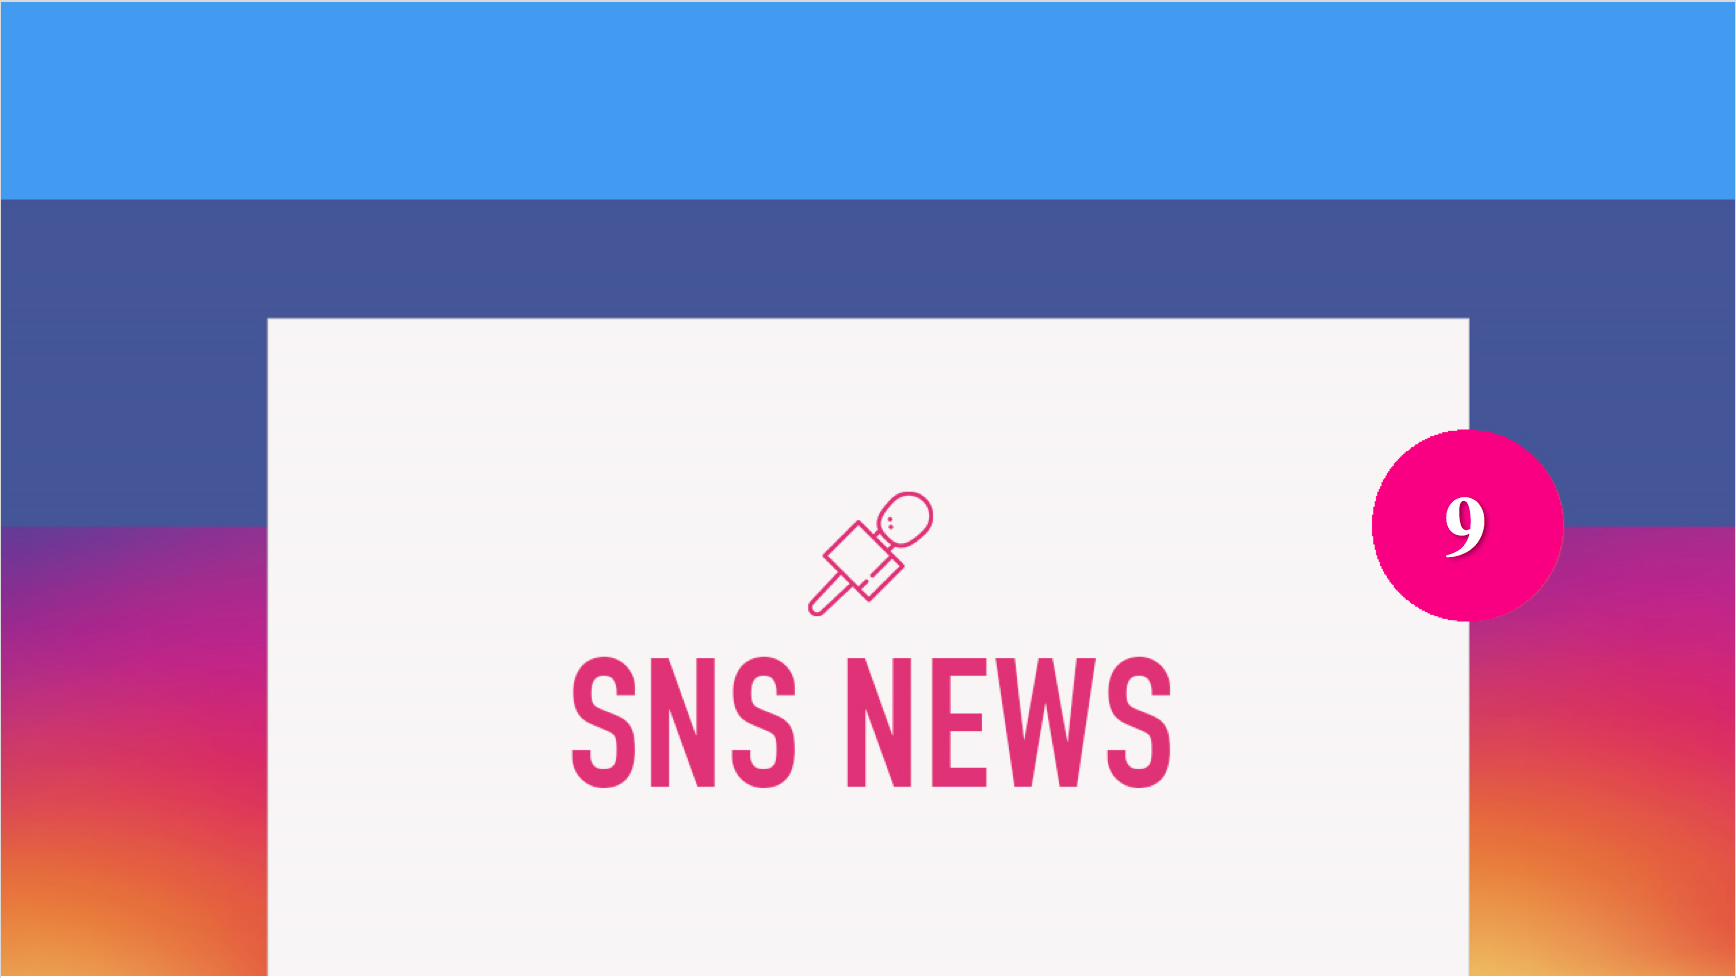 9月の主要SNSニュースまとめ!InstagramとIGTVにて、投稿スケジューリング機能が導入!